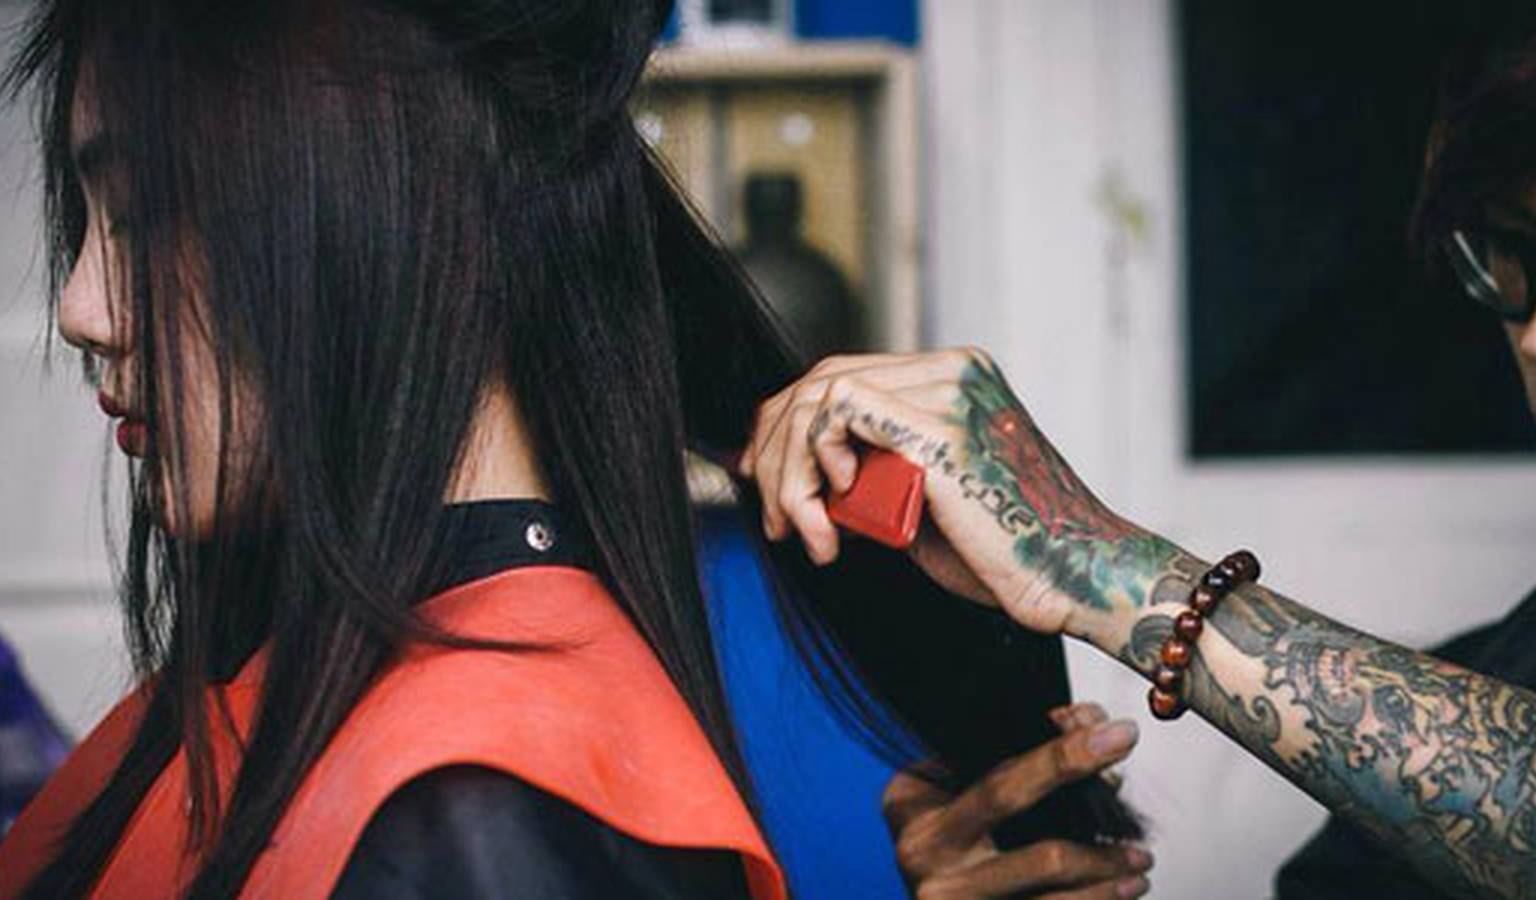 Top 6 tiệm cắt tóc đẹp ở quận 10 uy tín, đa dạng kiểu - 2